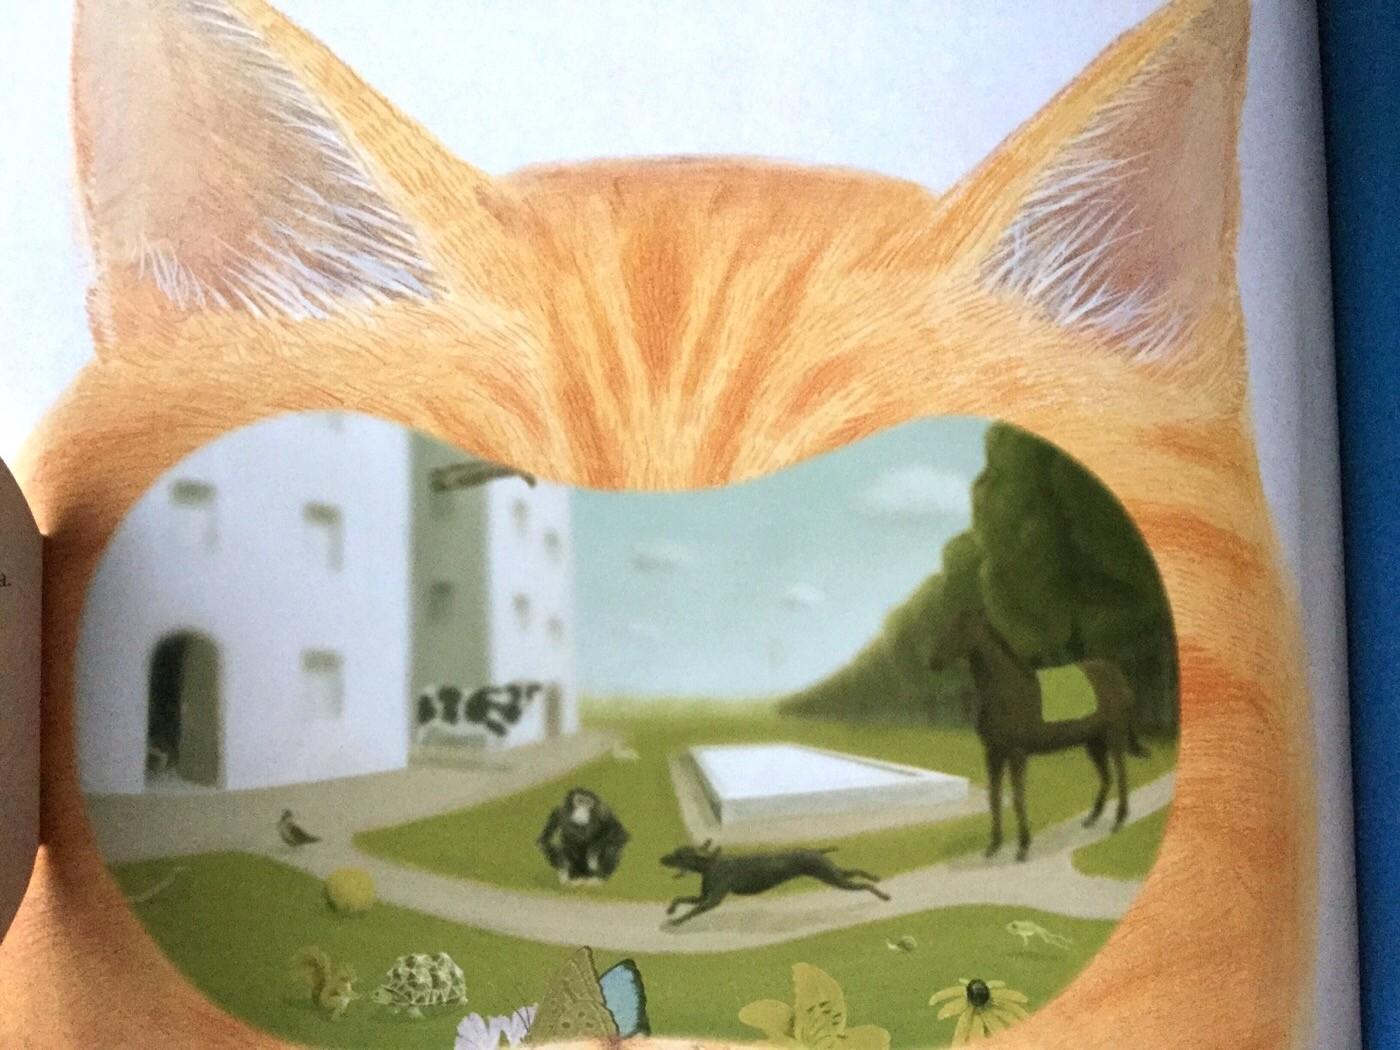 ZOOTTICA Come vedono gli animali? Guillaume Duprat - L'Ippocampo - 2013- Galline Volanti